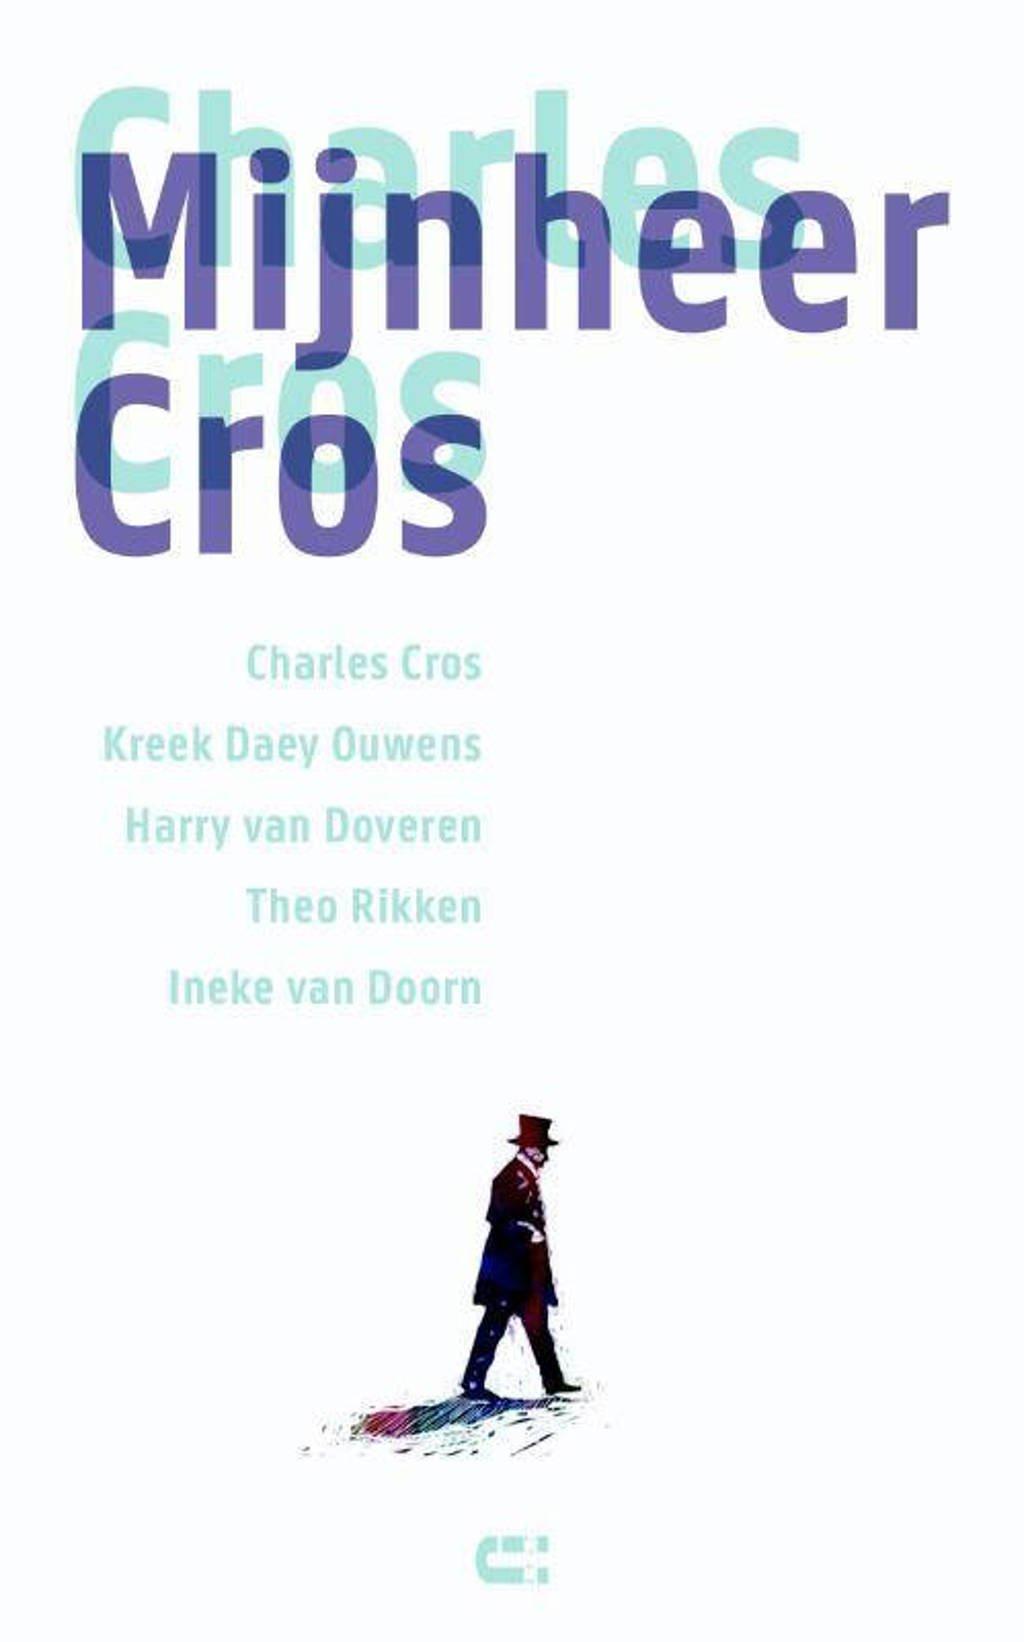 Mijnheer Cros - Charles Cros, Kreek Daey Ouwens, Harry van Doveren, e.a.